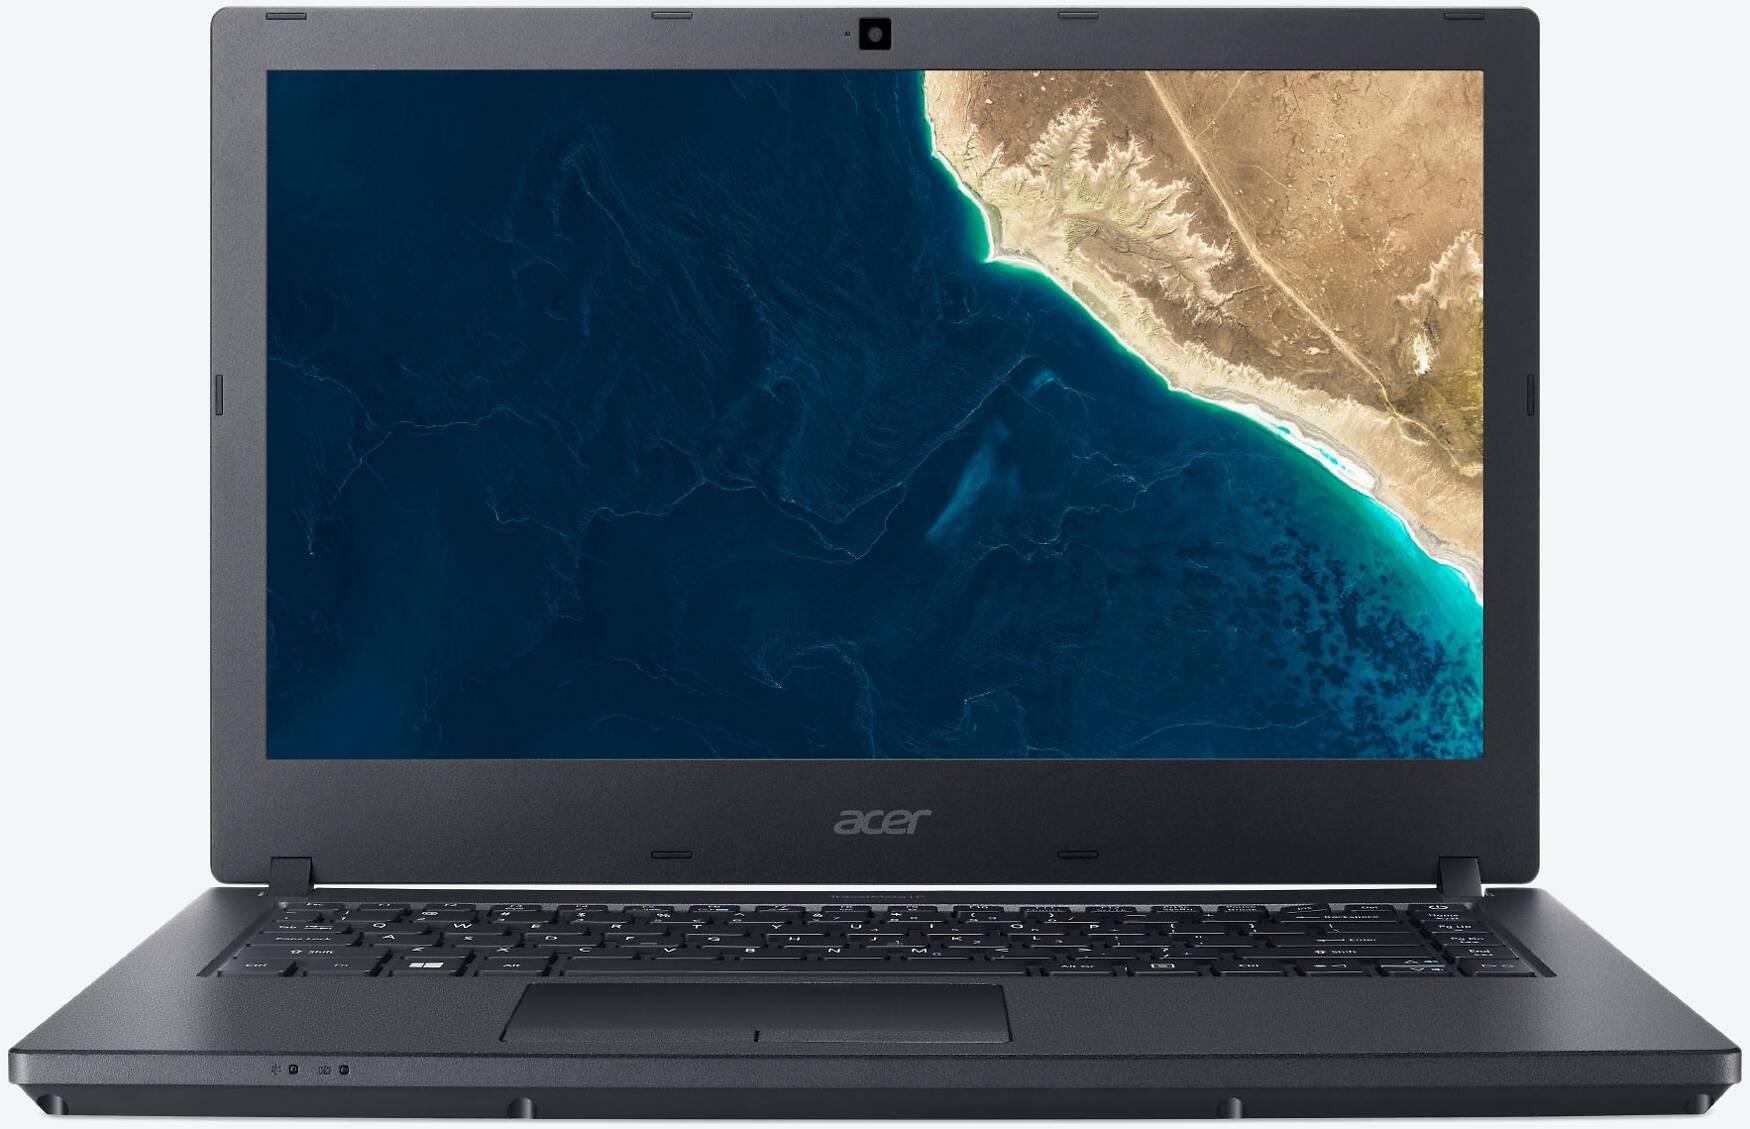 Acer TravelMate P2410-M-598R